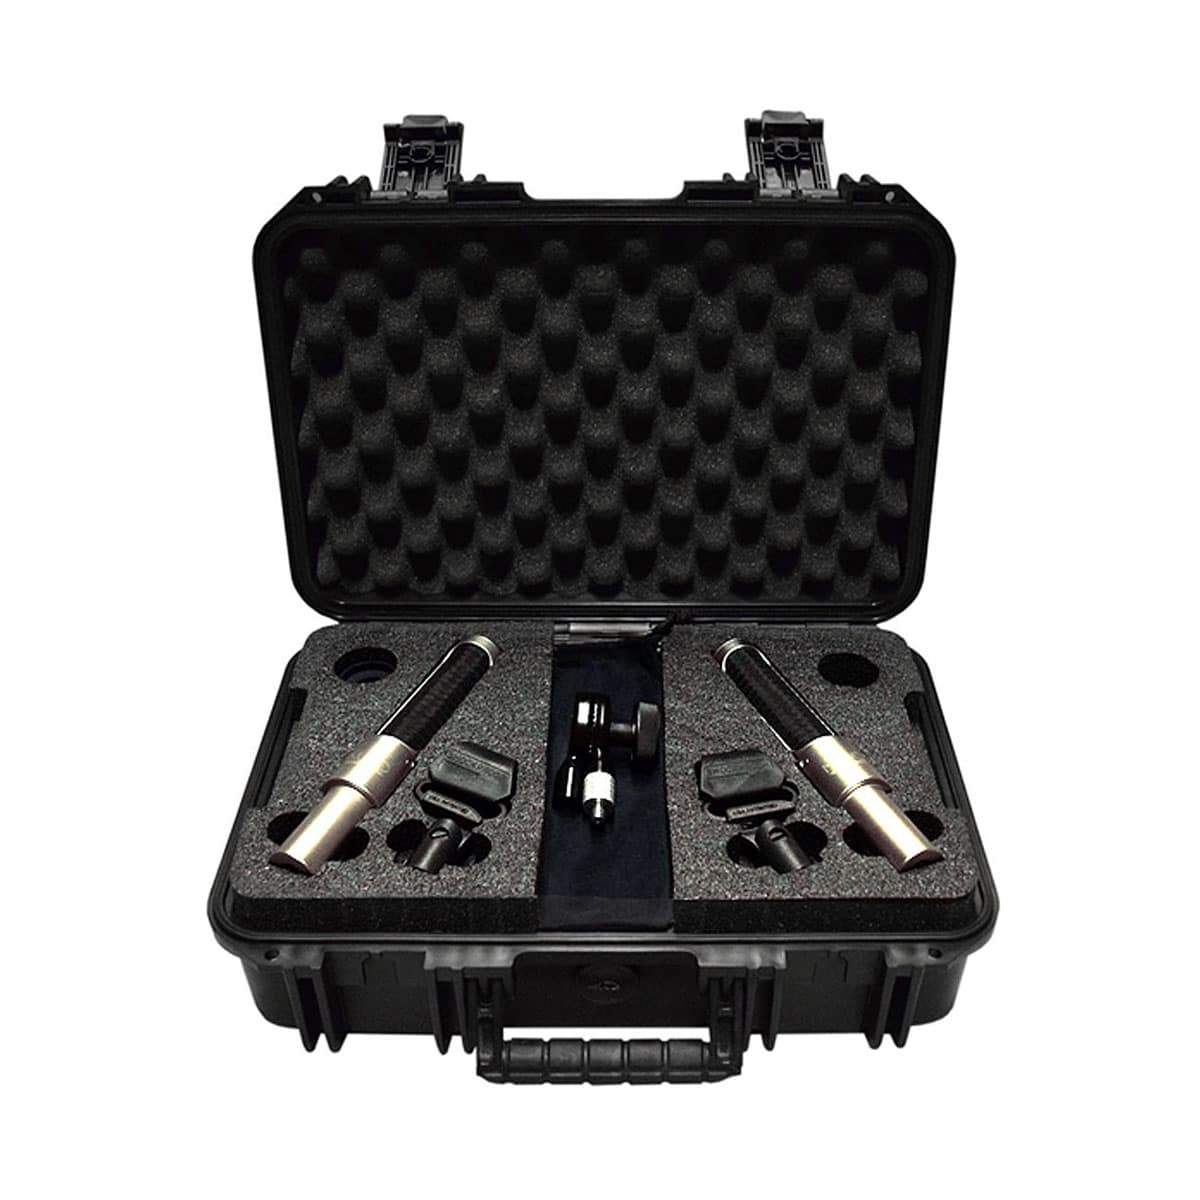 AEA N22 Stereo Kit 02 Microfoni a nastro, Microfoni professionali, Strumentazioni Pro Audio per studi di registrazione